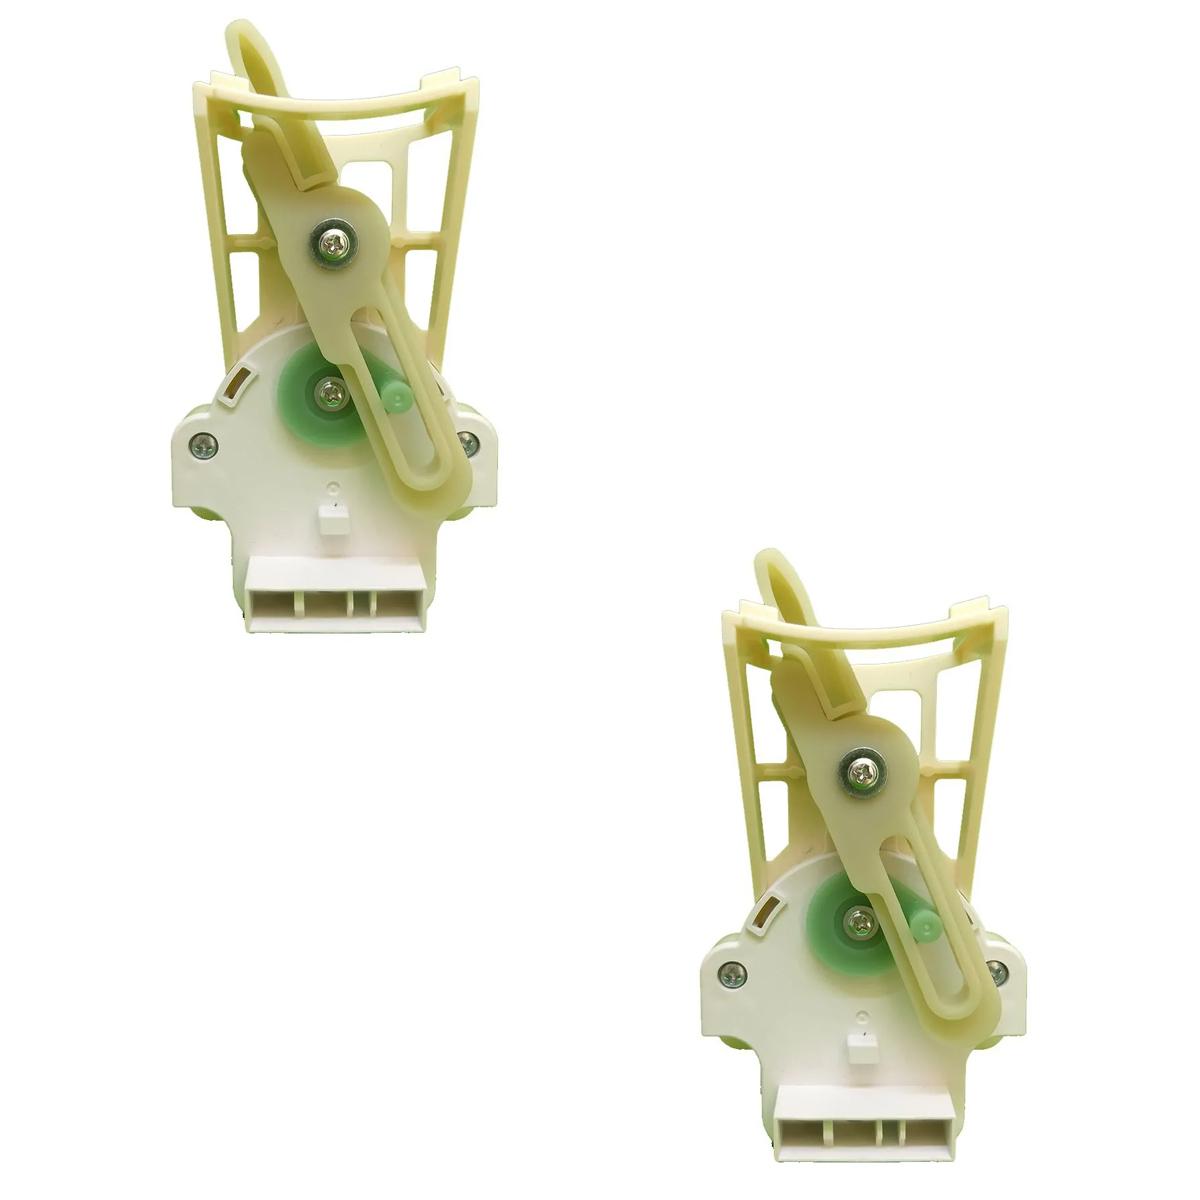 Kit Com 2 Atuadores De Freio Para Lavadora De Roupas Electrolux 127V - 64500661